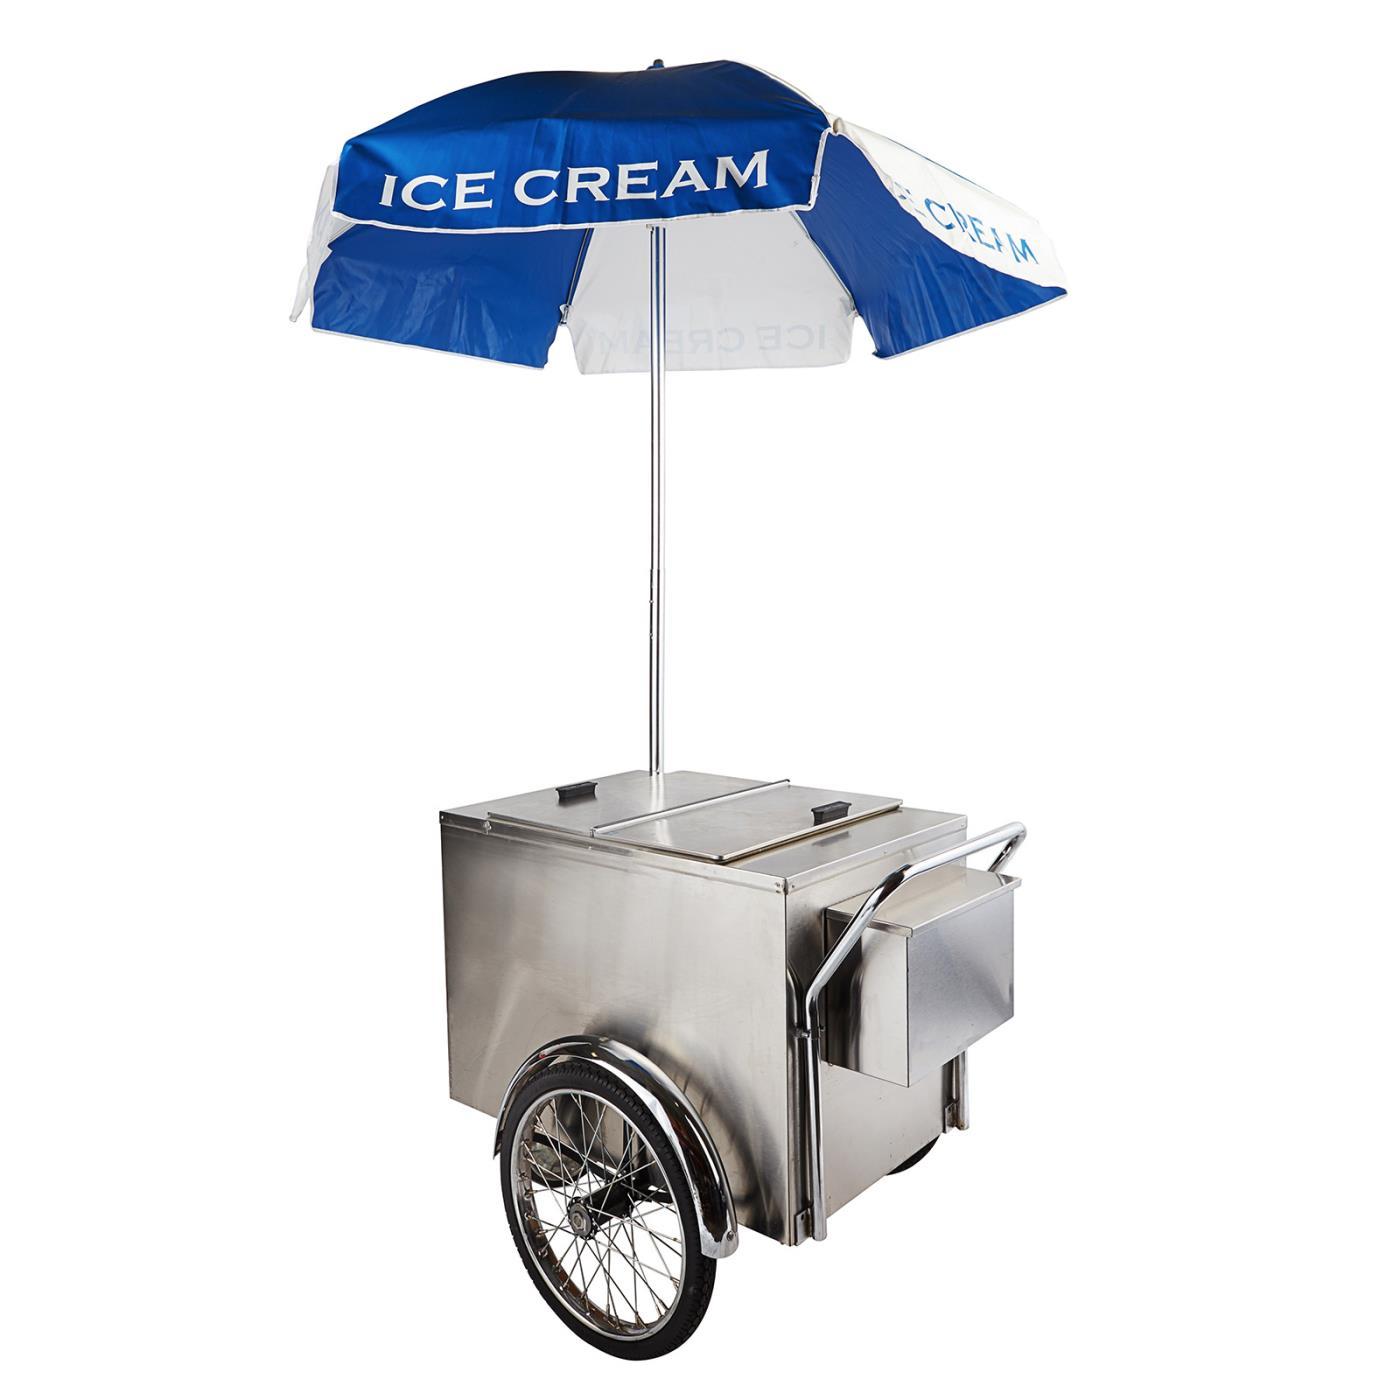 Ice Cream Cart Umbrella